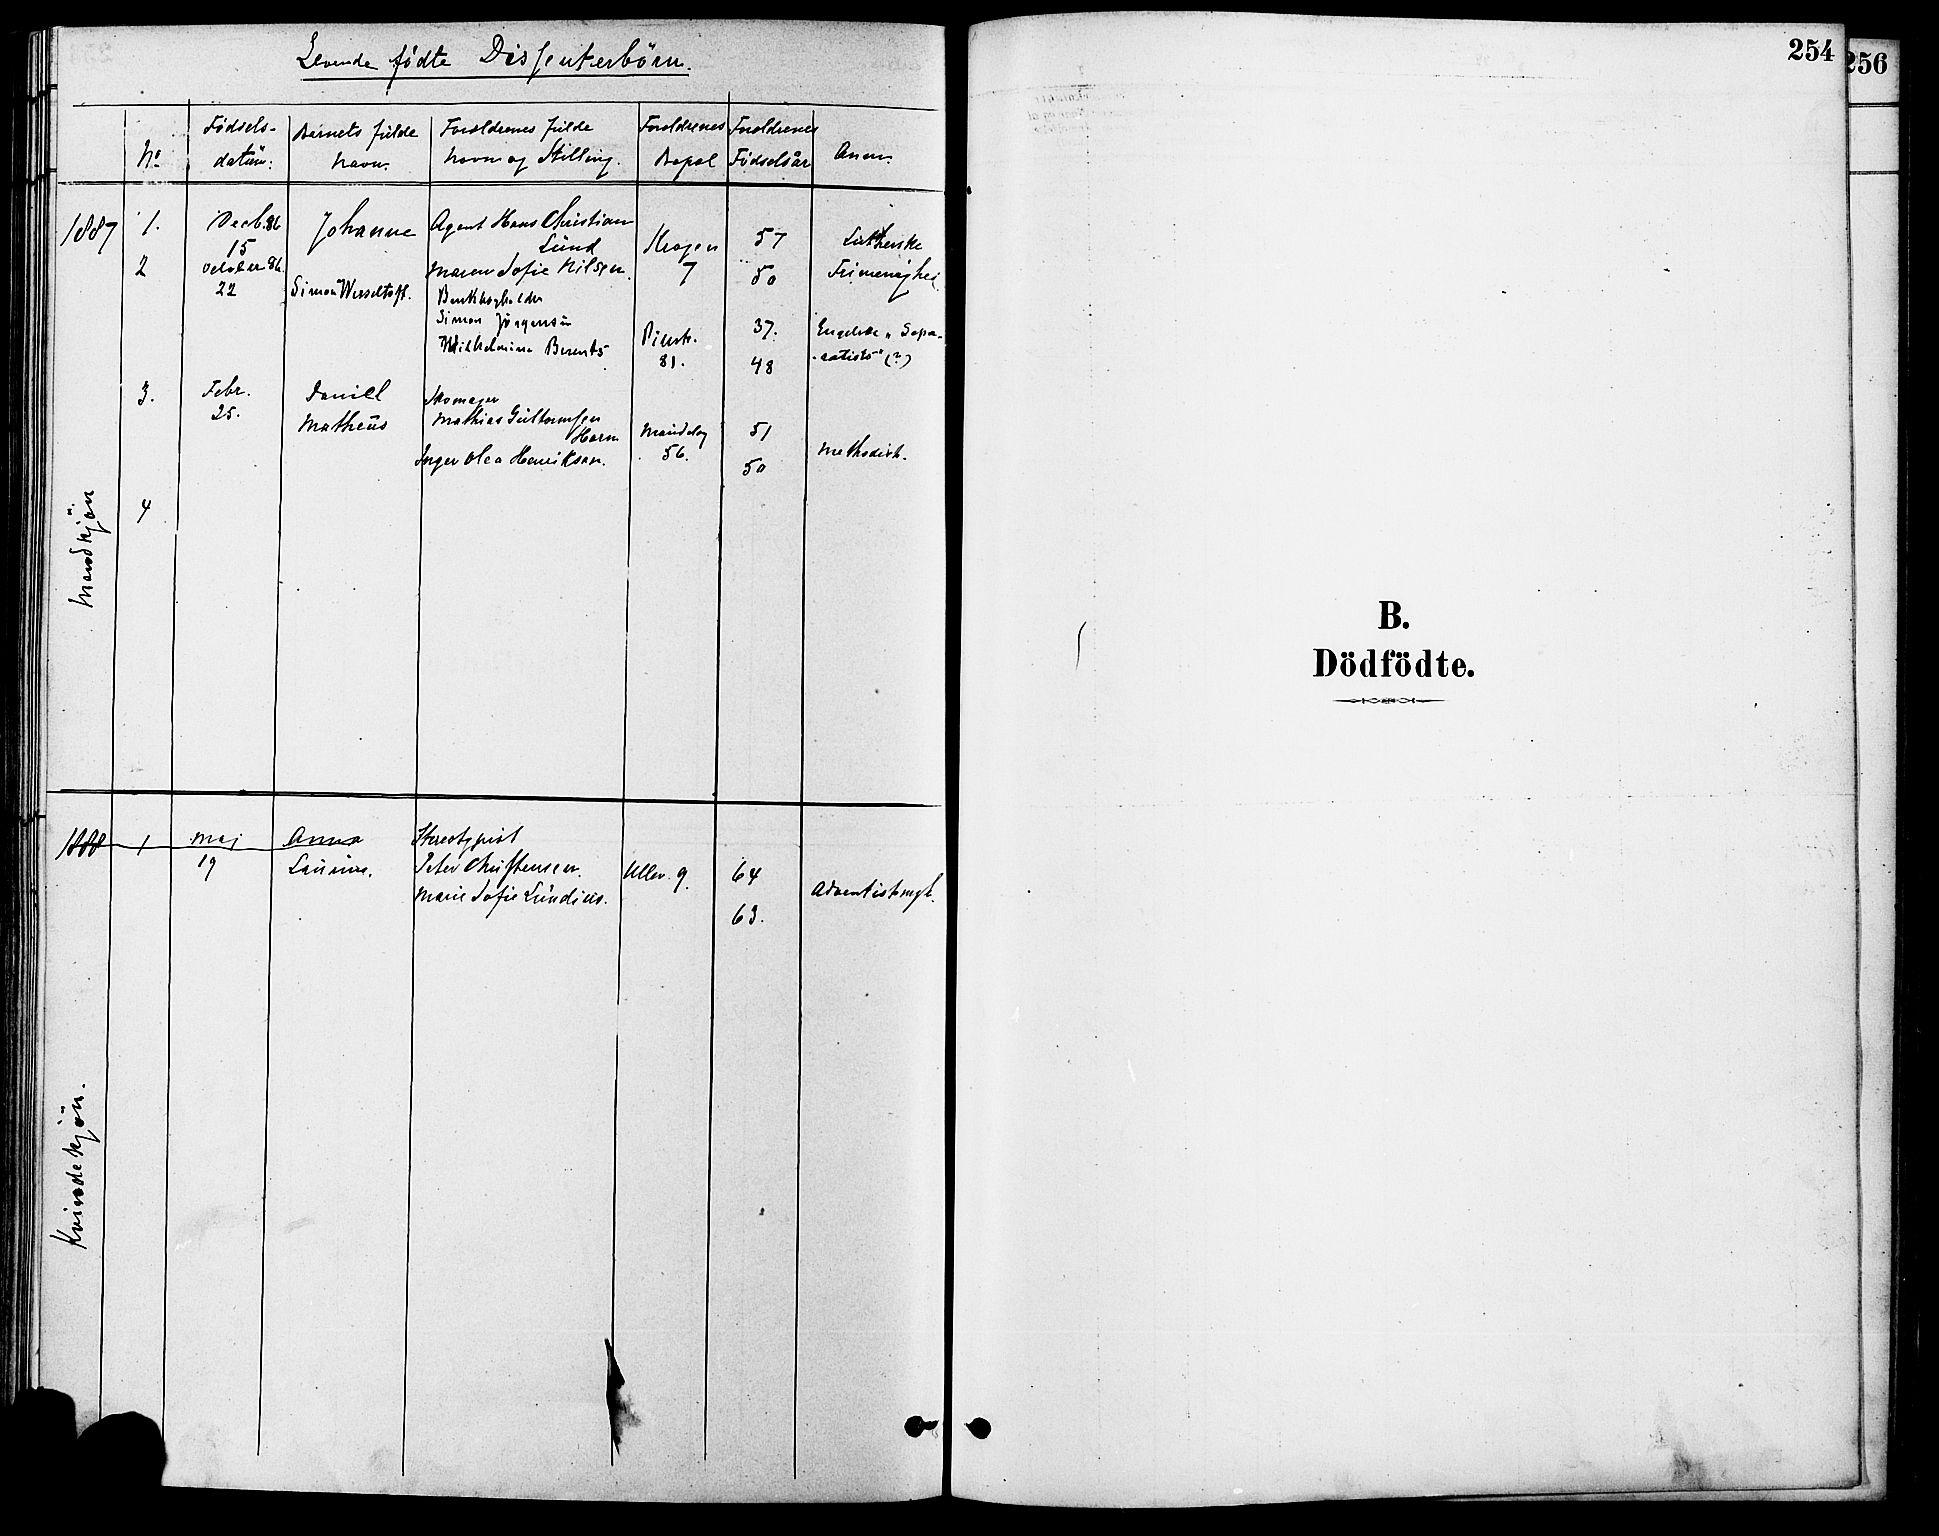 SAO, Gamle Aker prestekontor Kirkebøker, F/L0006: Ministerialbok nr. 6, 1880-1887, s. 254